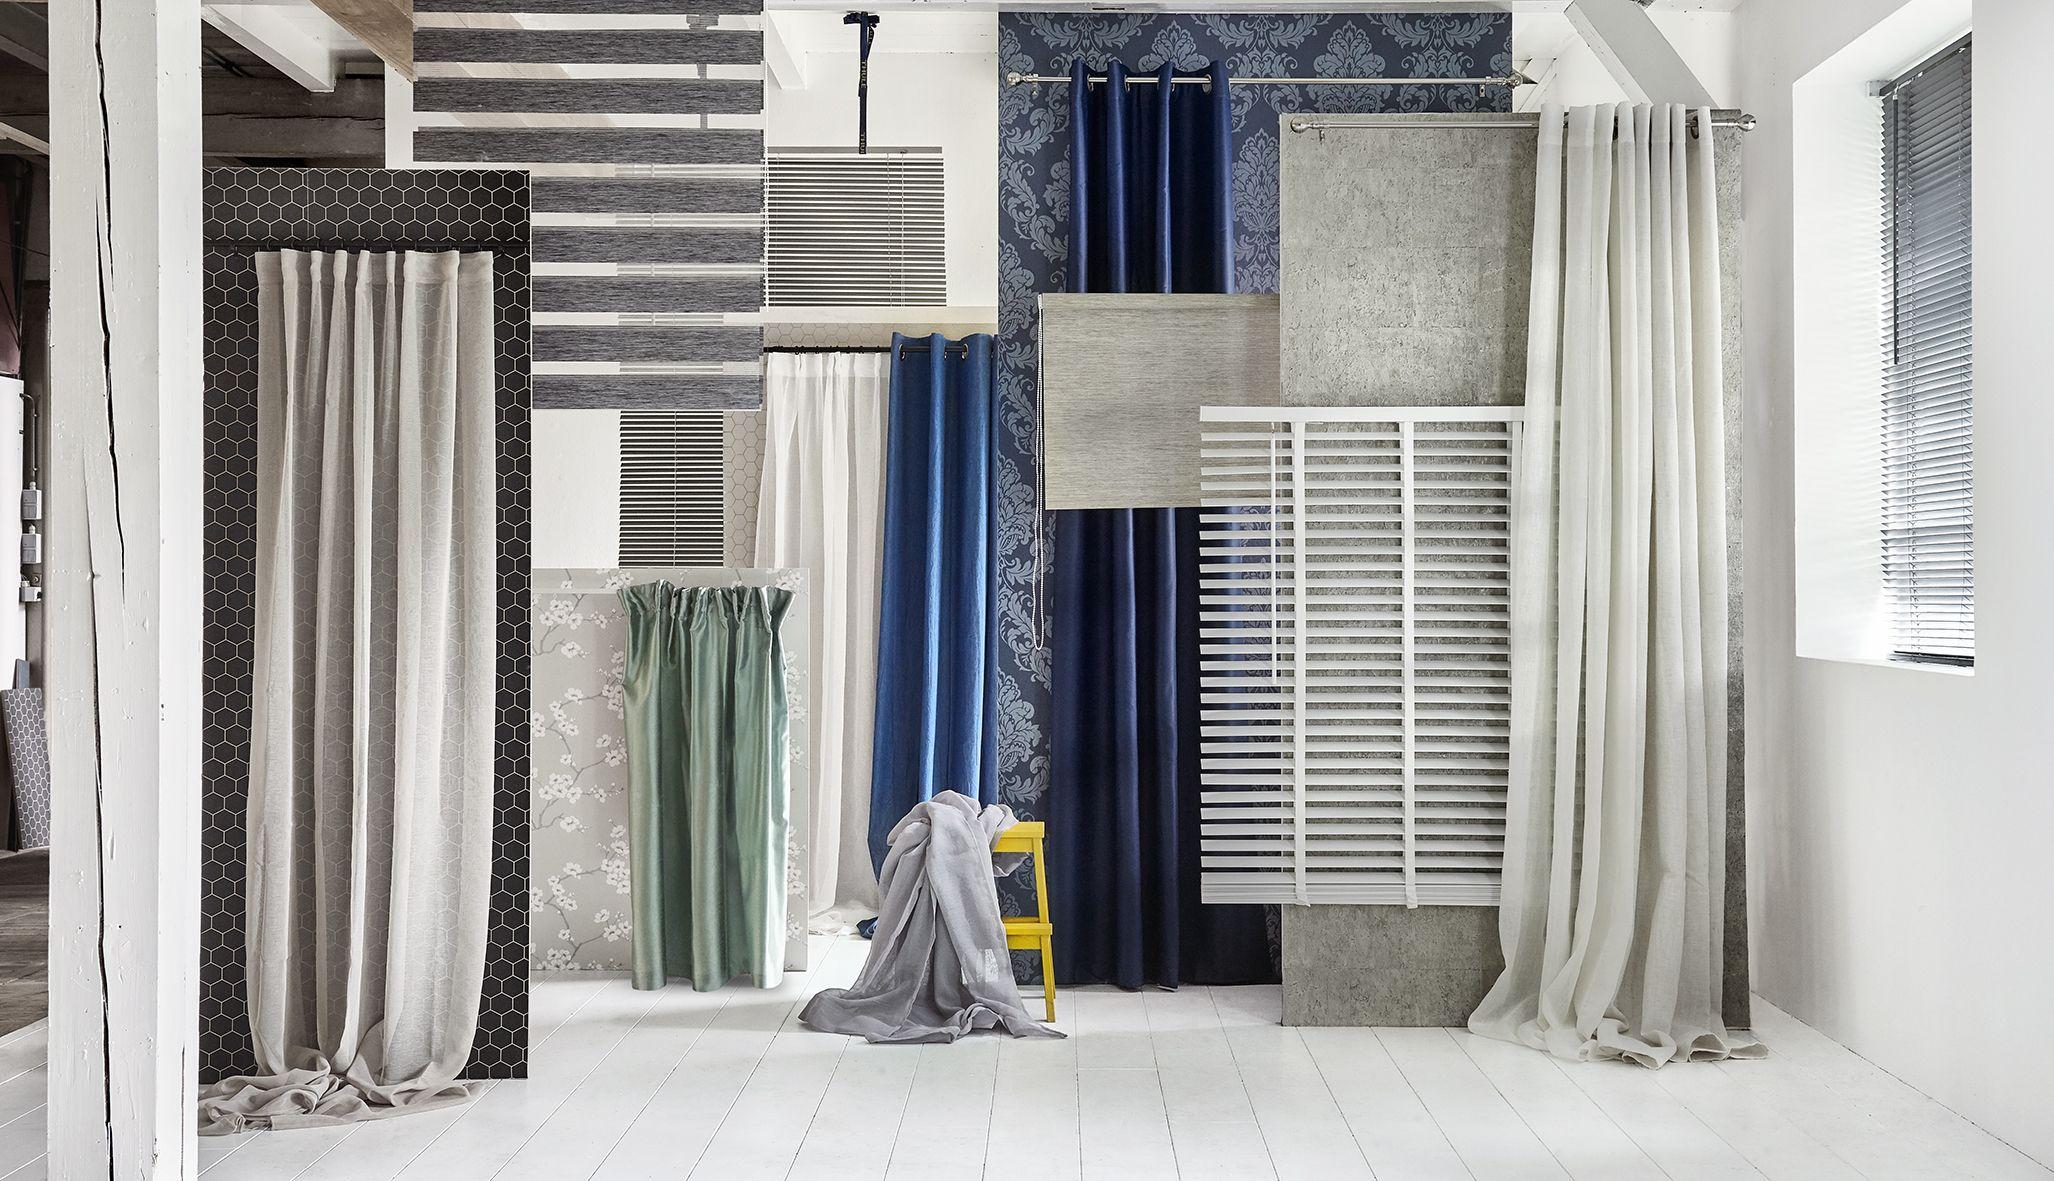 Praxis | Ook jouw raamdecoratie keuze zit er tussen ...